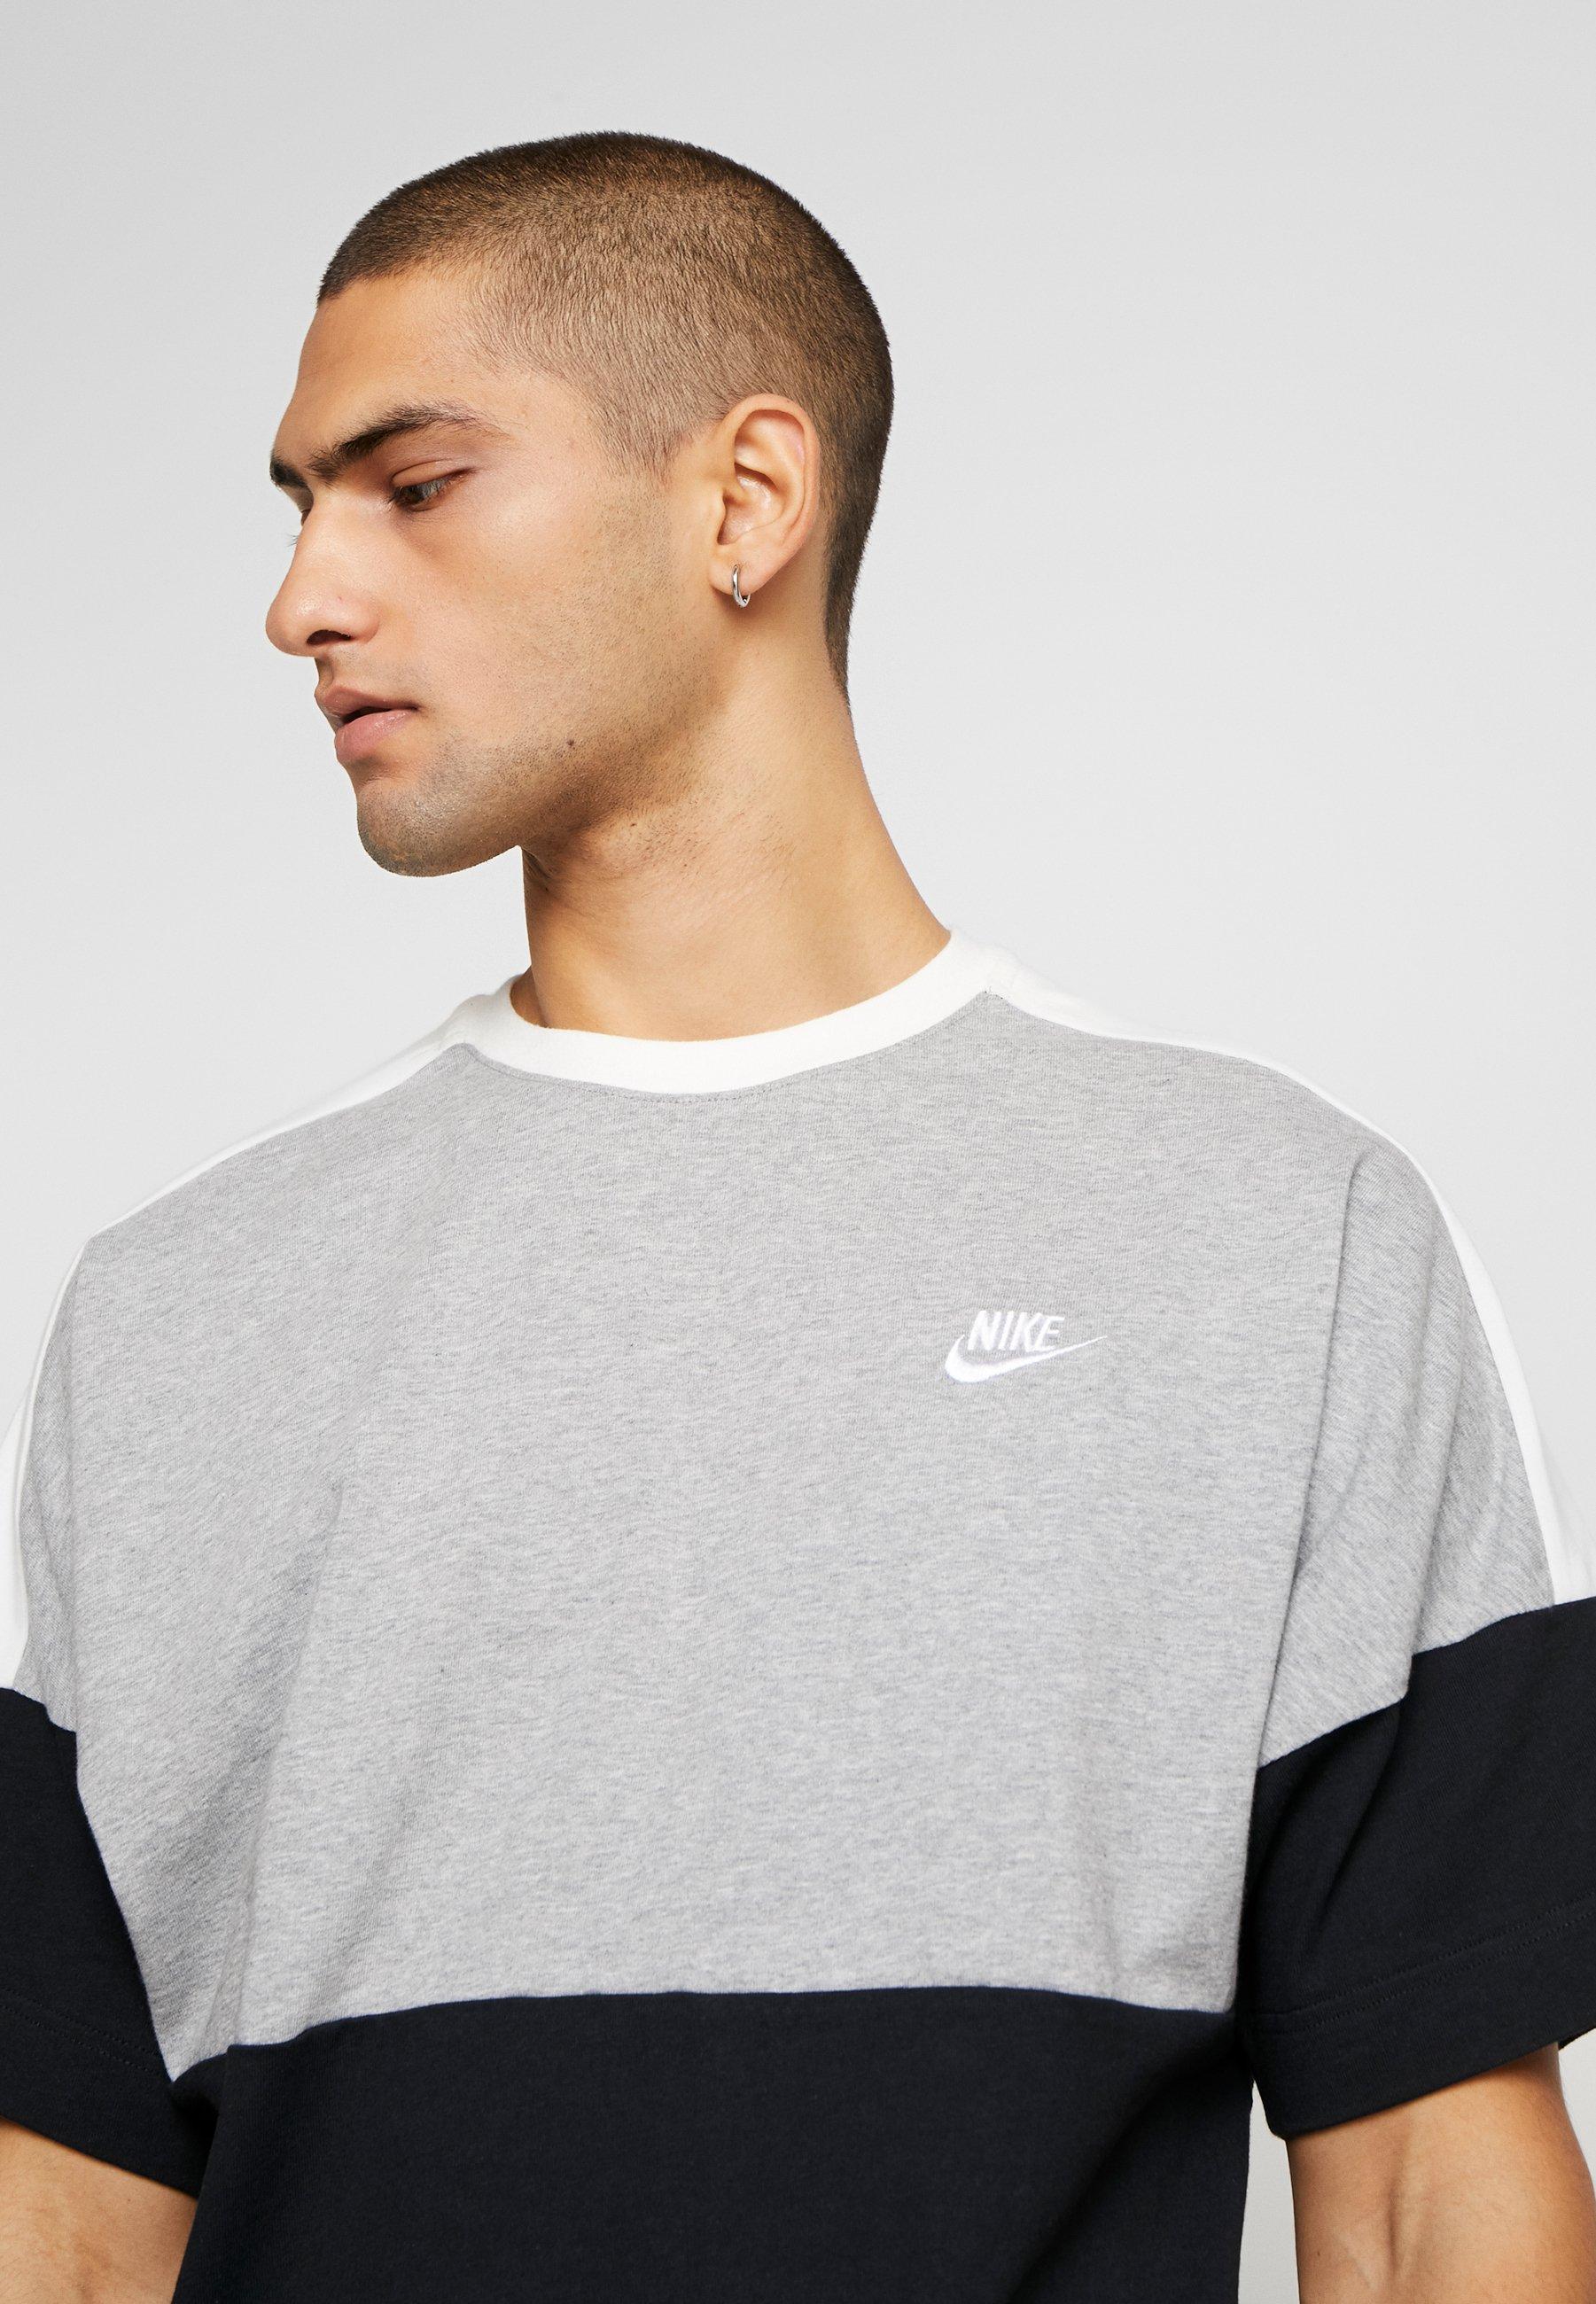 Nike Sportswear Print T-shirt - black/grey/white volSL